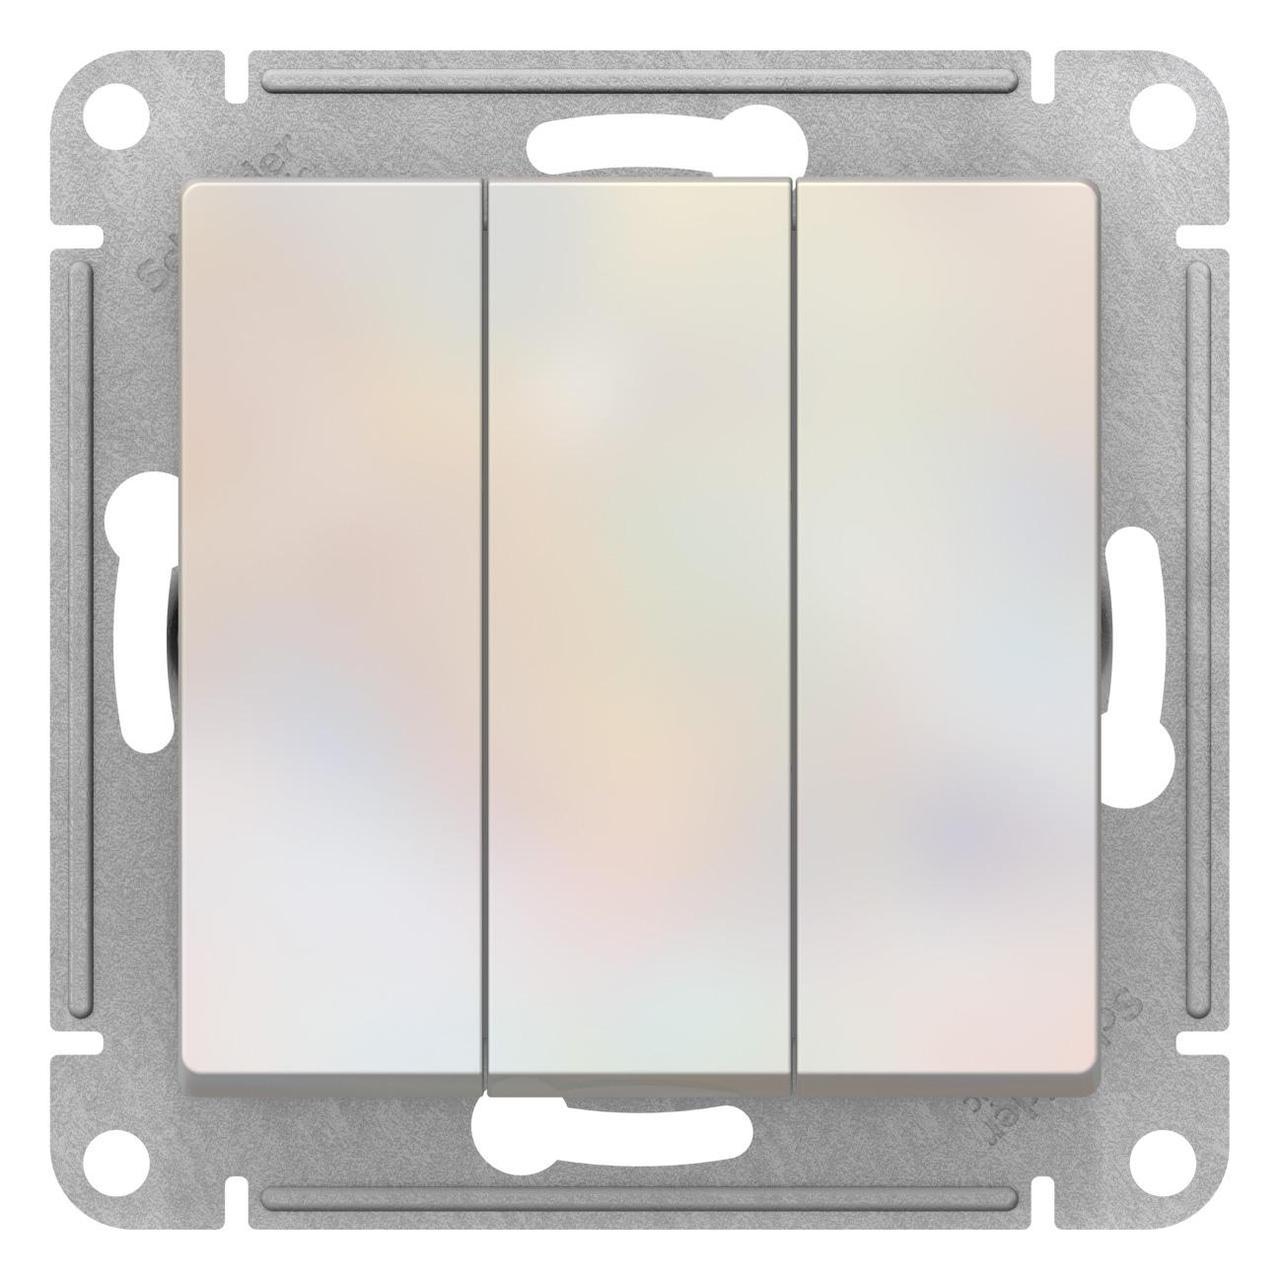 Выключатель 3-клавишный , Жемчуг, серия Atlas Design, Schneider Electric